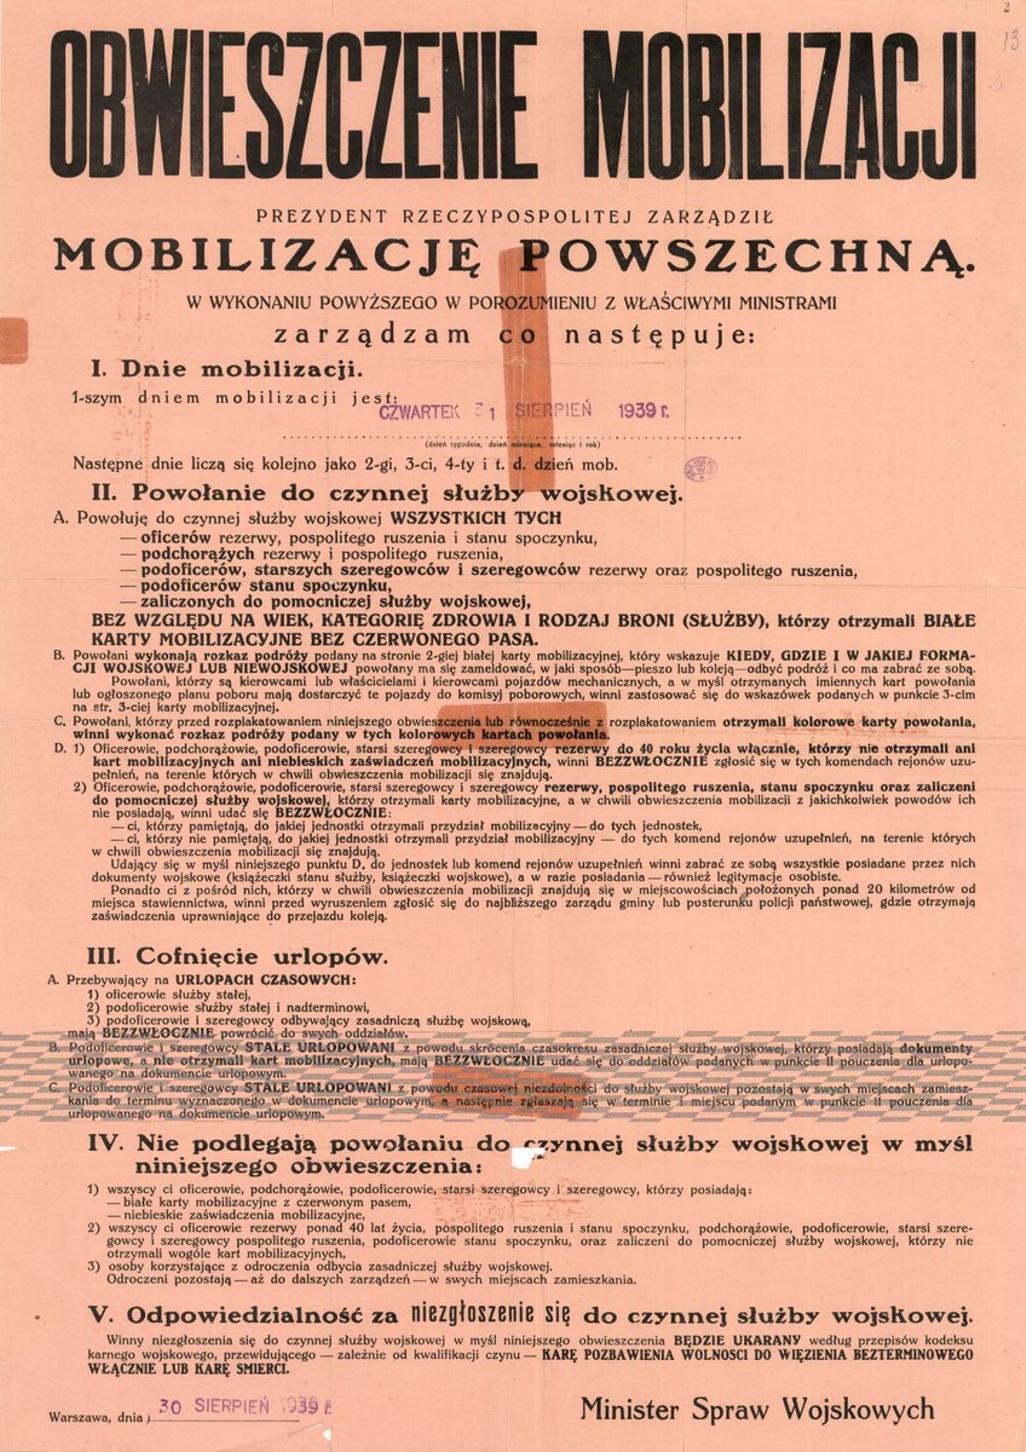 Листовка с сообщением о всеобщей мобилизации во Второй Речи Посполитой. 30 августа 1939 г.